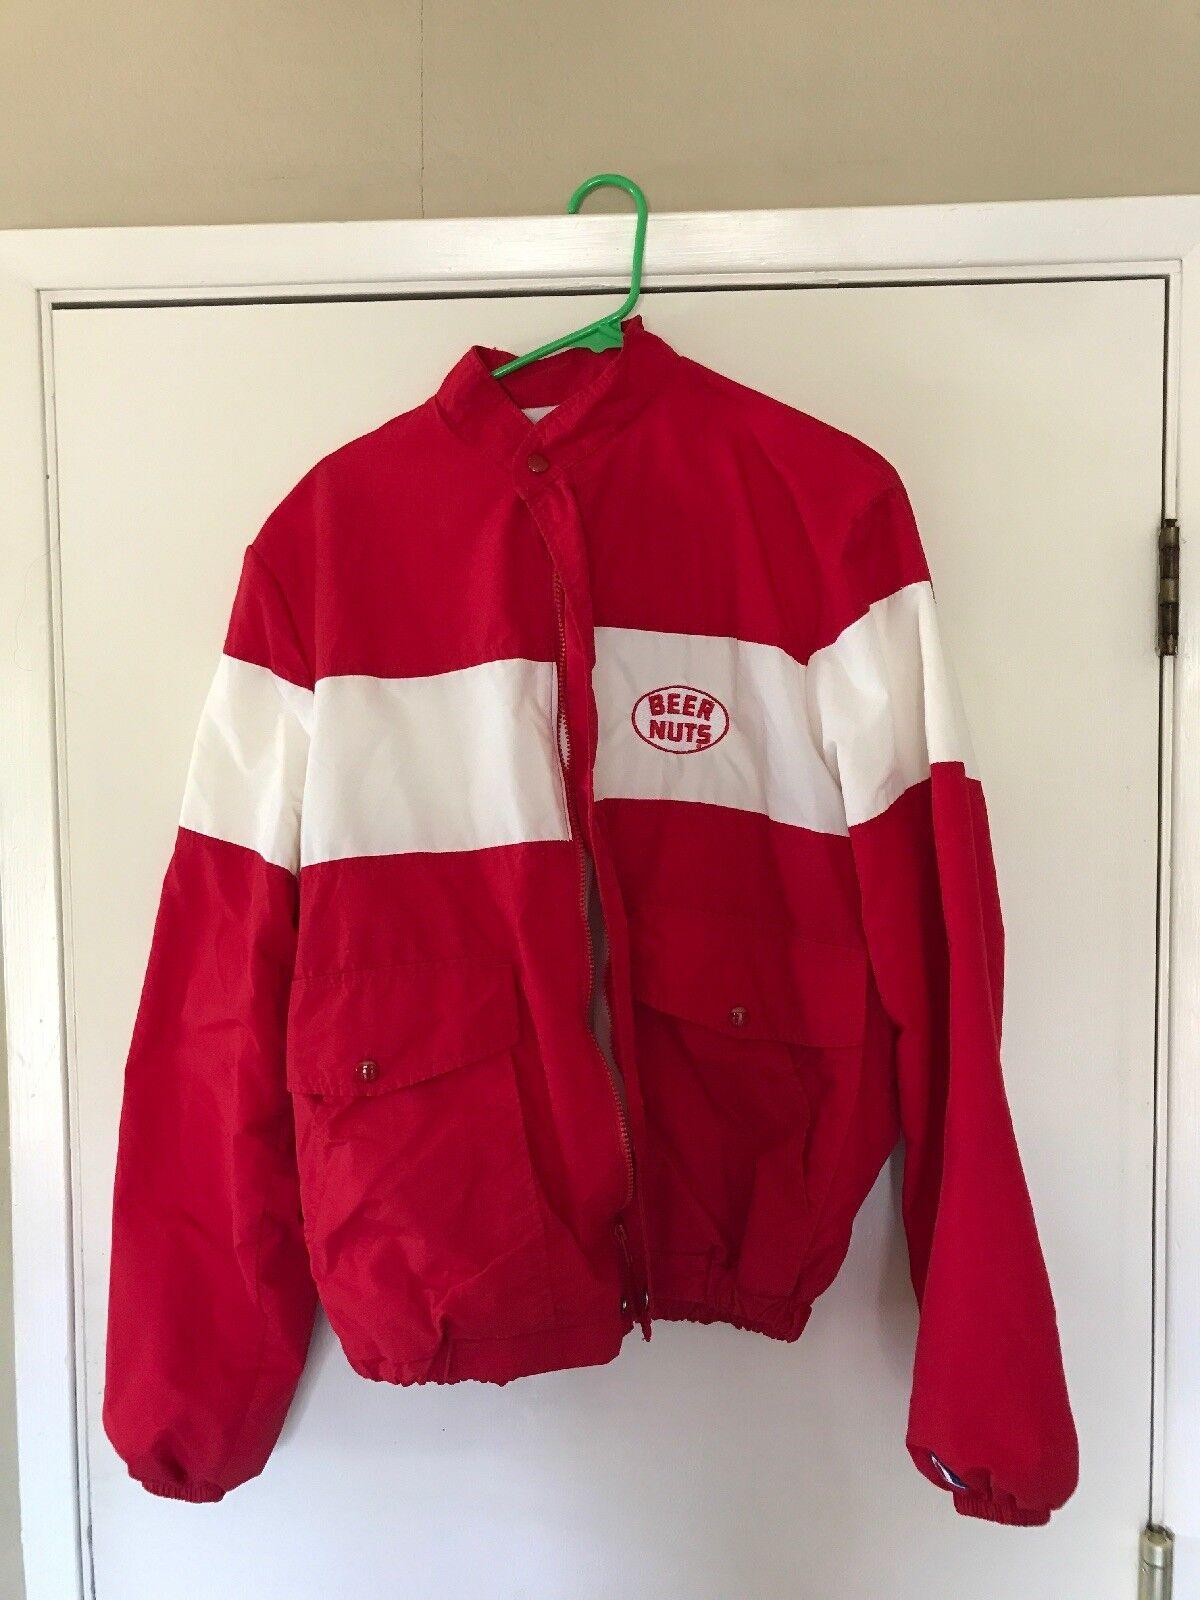 Champion X Beer Nuts Vintage Jacket